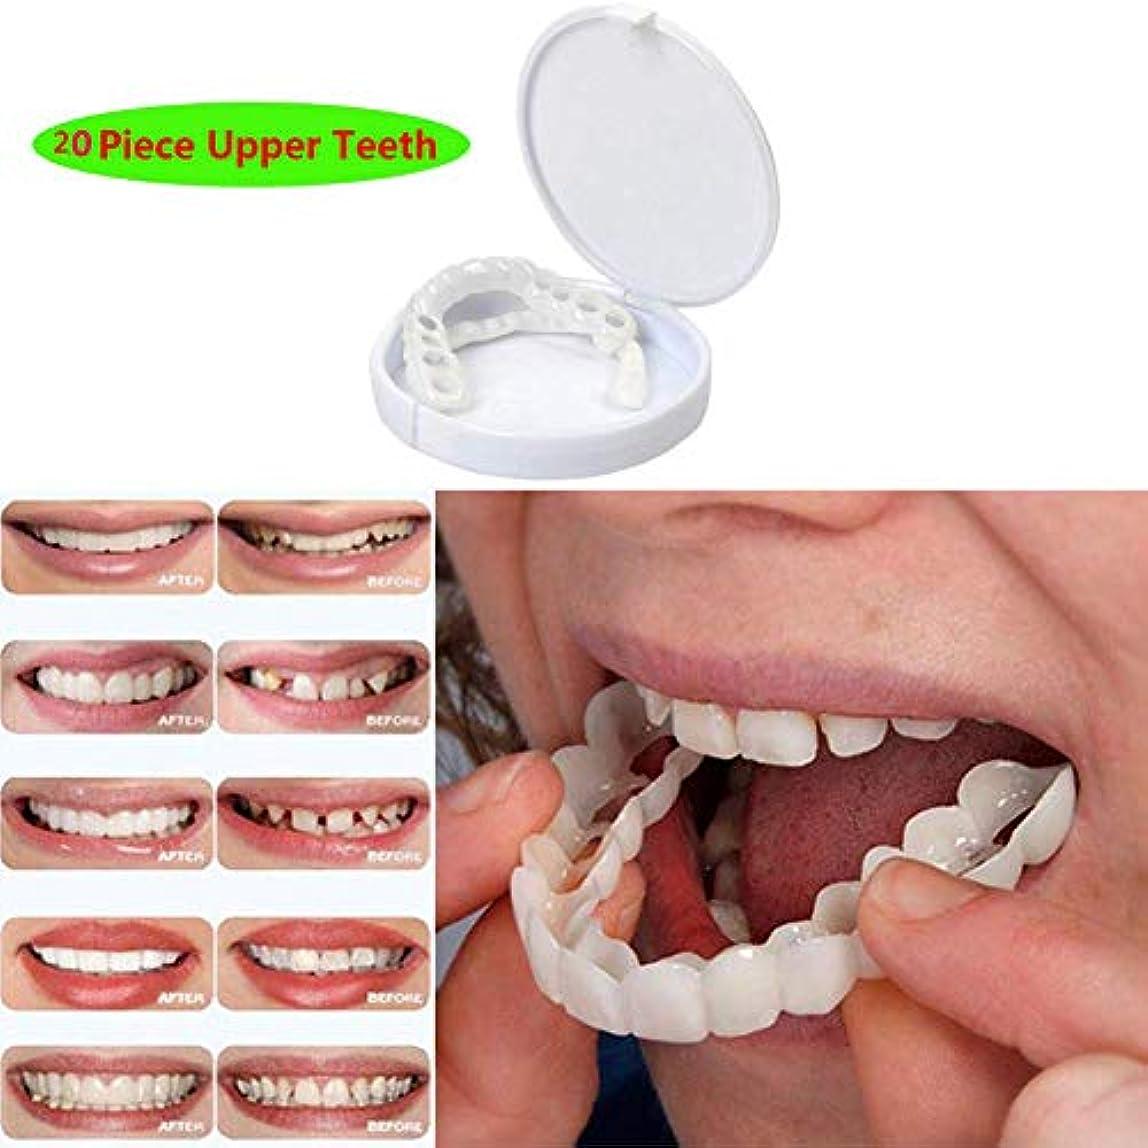 概して歪めるアクロバット20Pcs一時的な化粧品の歯の義歯の化粧品は白くなることを模倣した上括弧を模倣しました